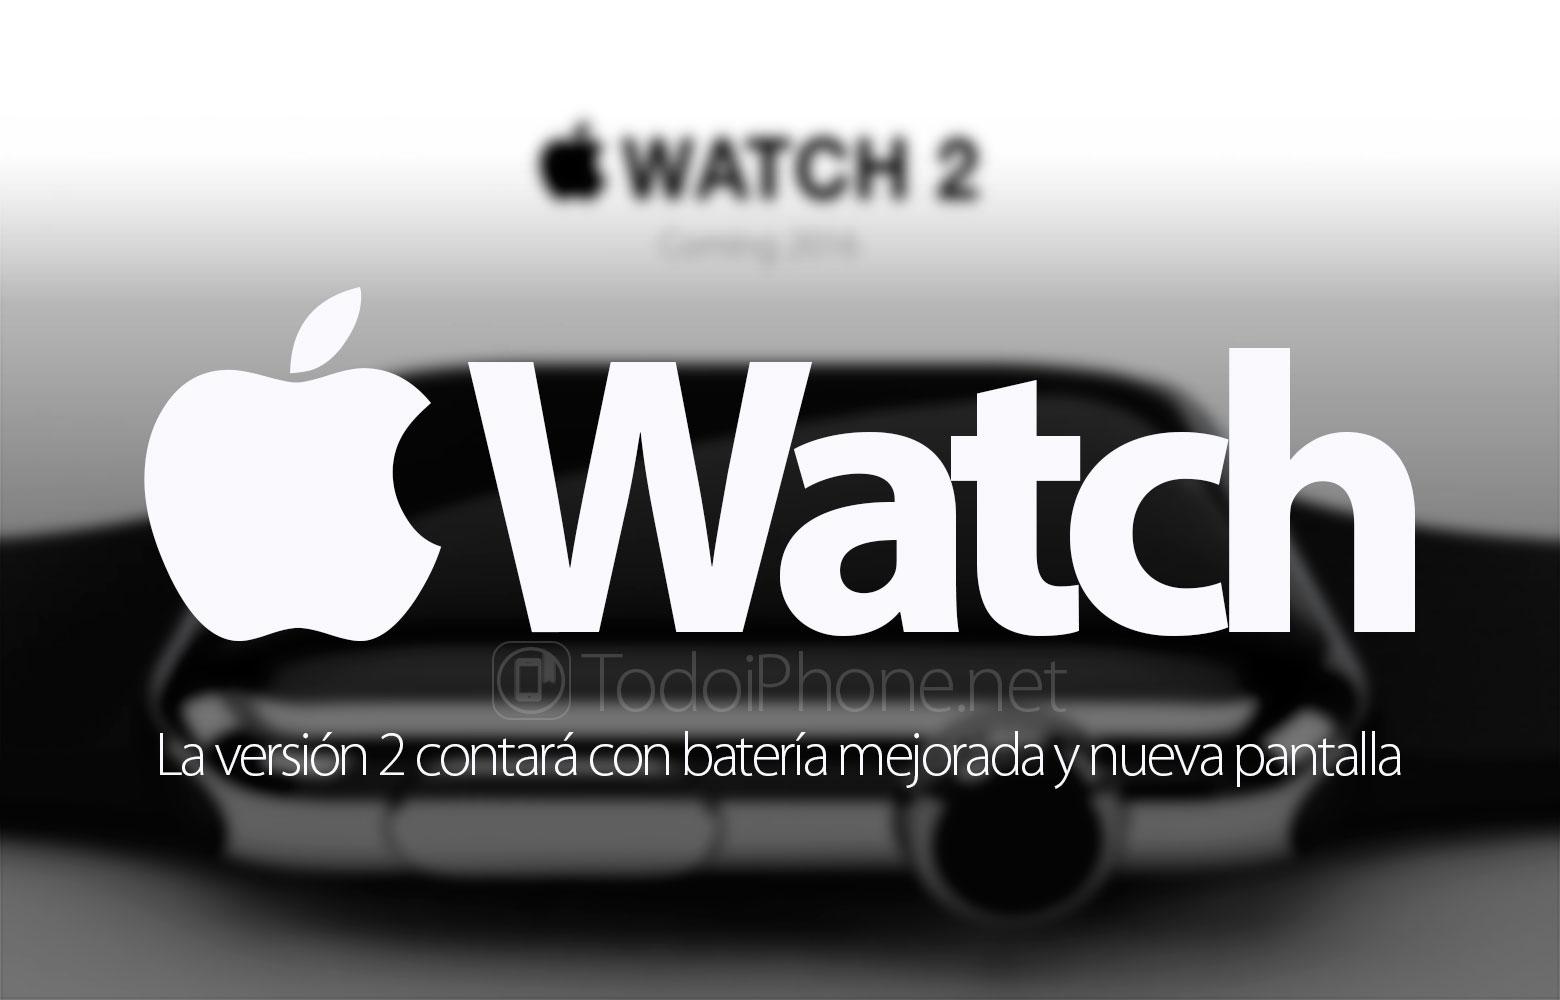 apple-watch-2-nueva-bateria-pantalla